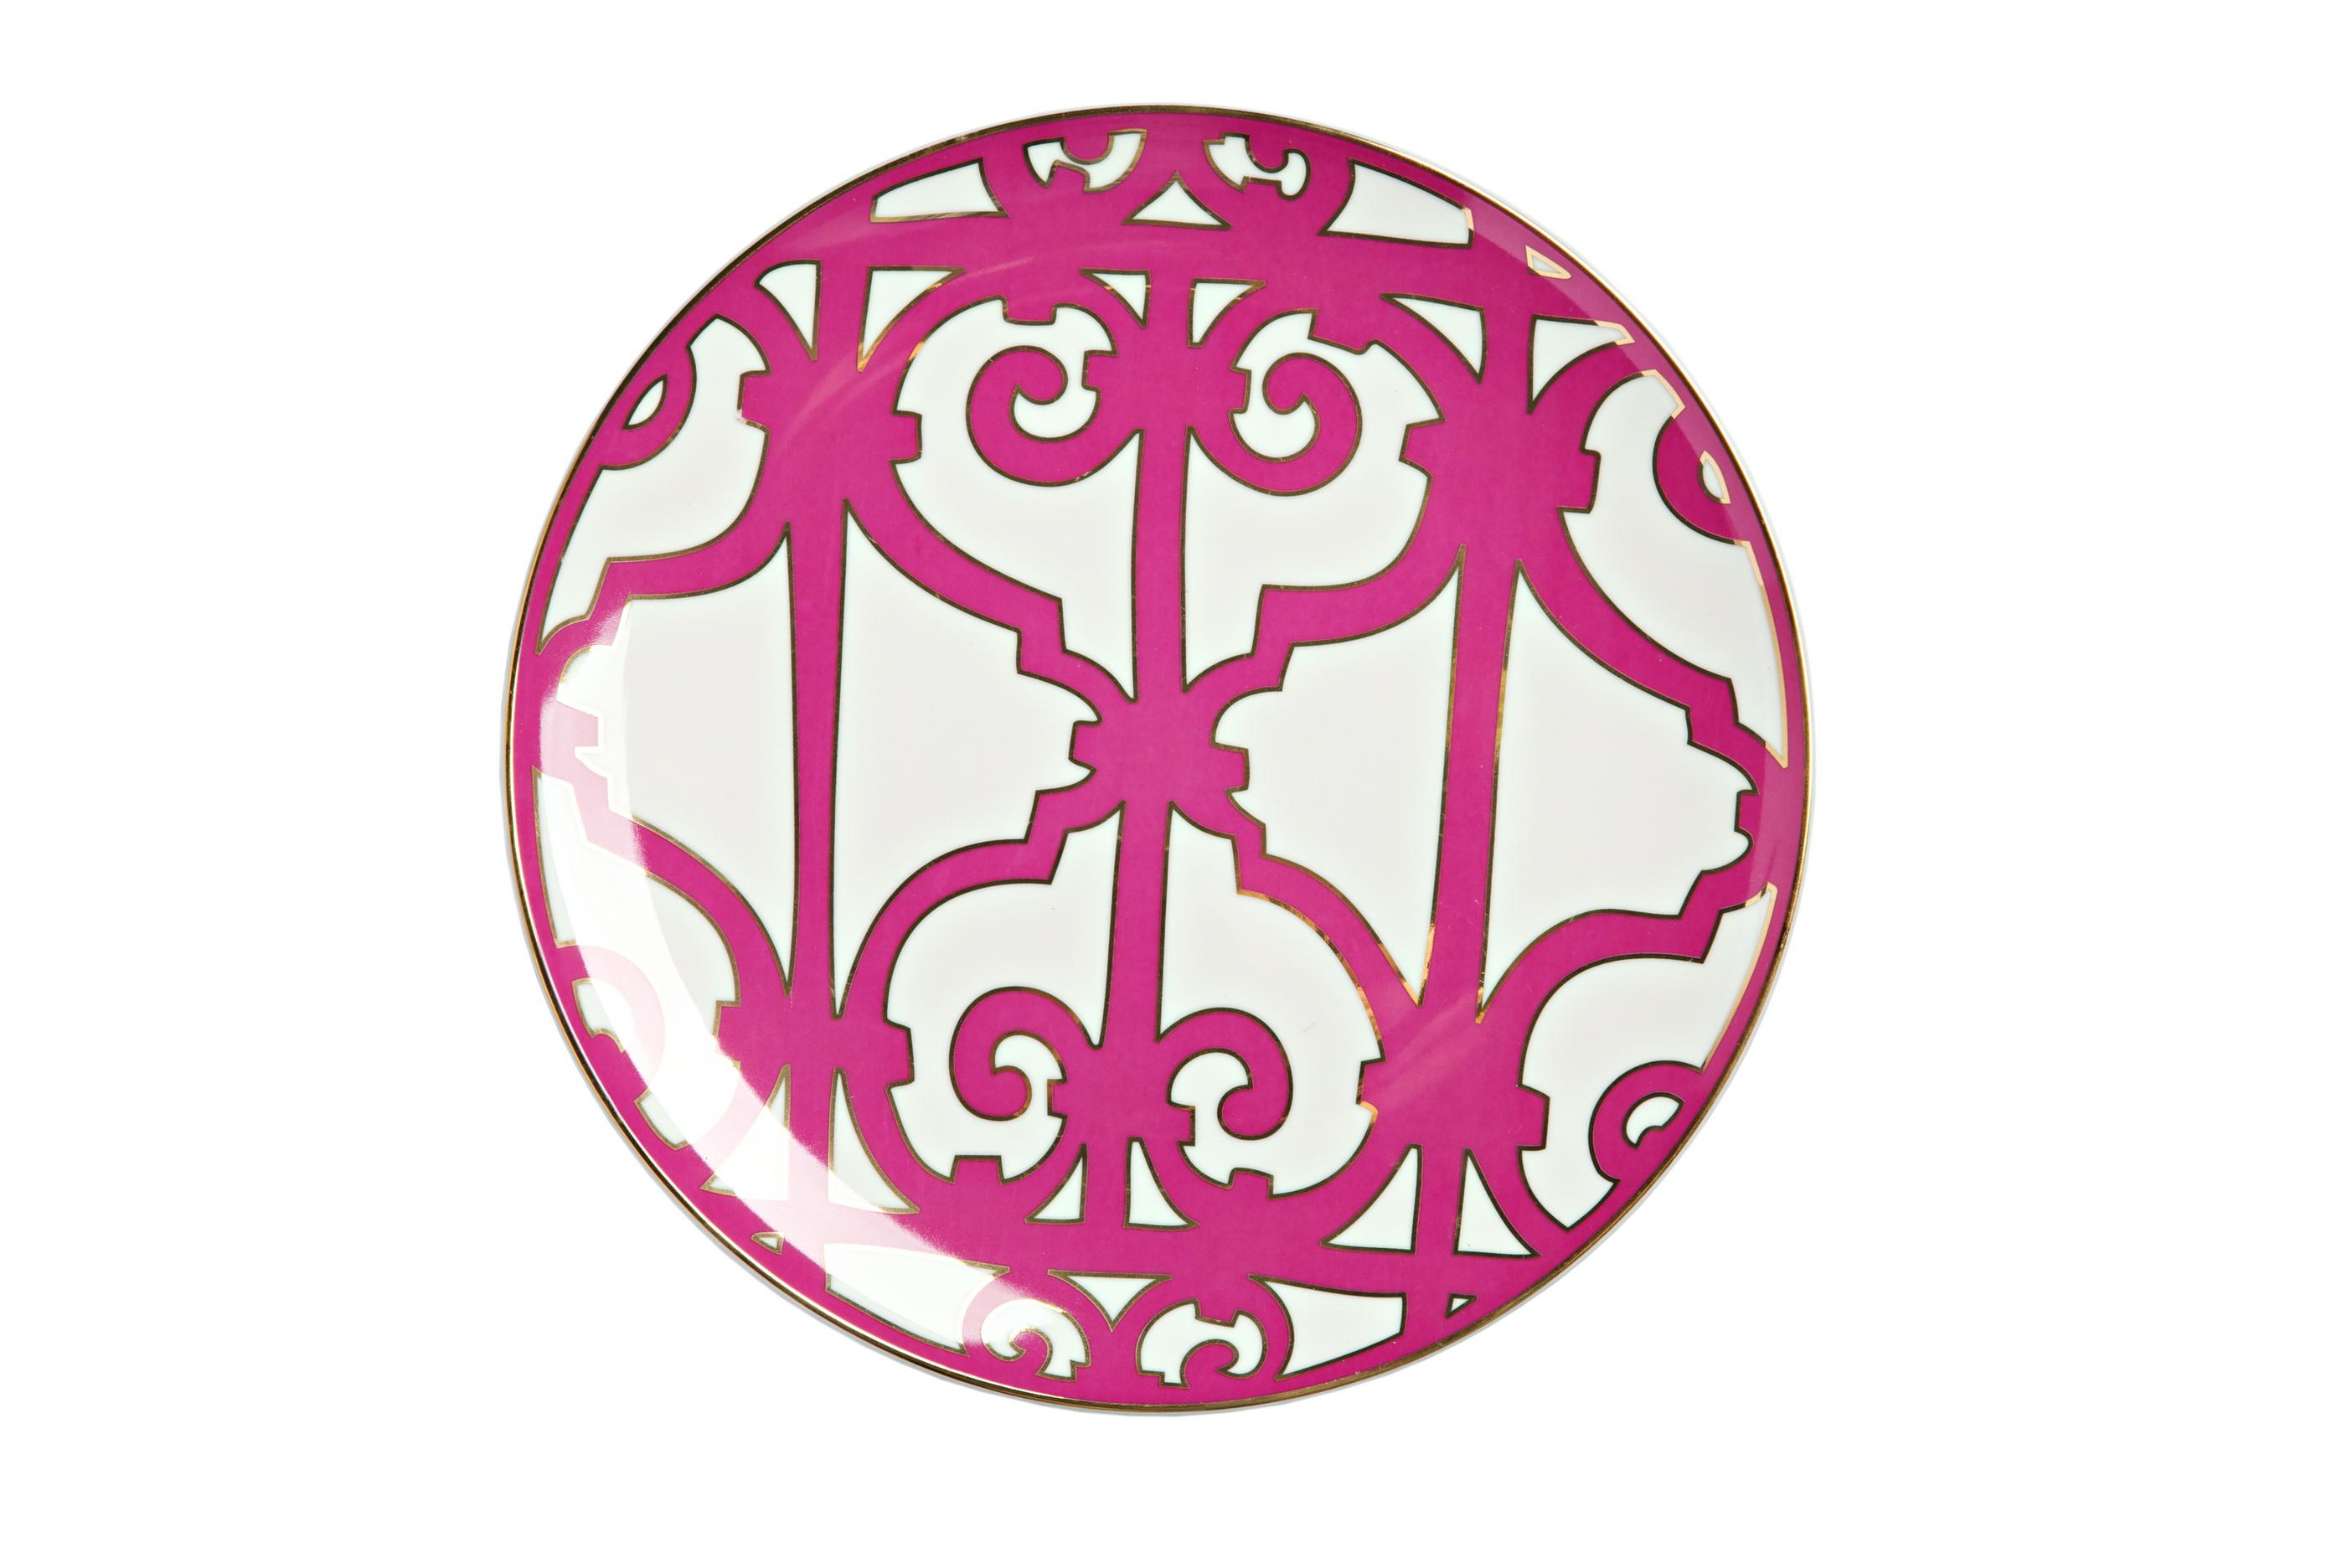 Тарелка SiennaДекоративные тарелки<br>Великолепная тарелка из костяного фарфора коллекции «Sienna» украшена оригинальным рисунком насыщенного лилового цвета. Сочетание белоснежного фарфора и яркого орнамента придает изделию нарядный и торжественный вид.<br>Тарелка предназначена для вторых блюд, закусок и салатов. Она идеально подходит для праздничной сервировки. Вы можете приобрести ее отдельно или вместе с другими предметами серии.<br><br>Material: Фарфор<br>Height см: 1.5<br>Diameter см: 26